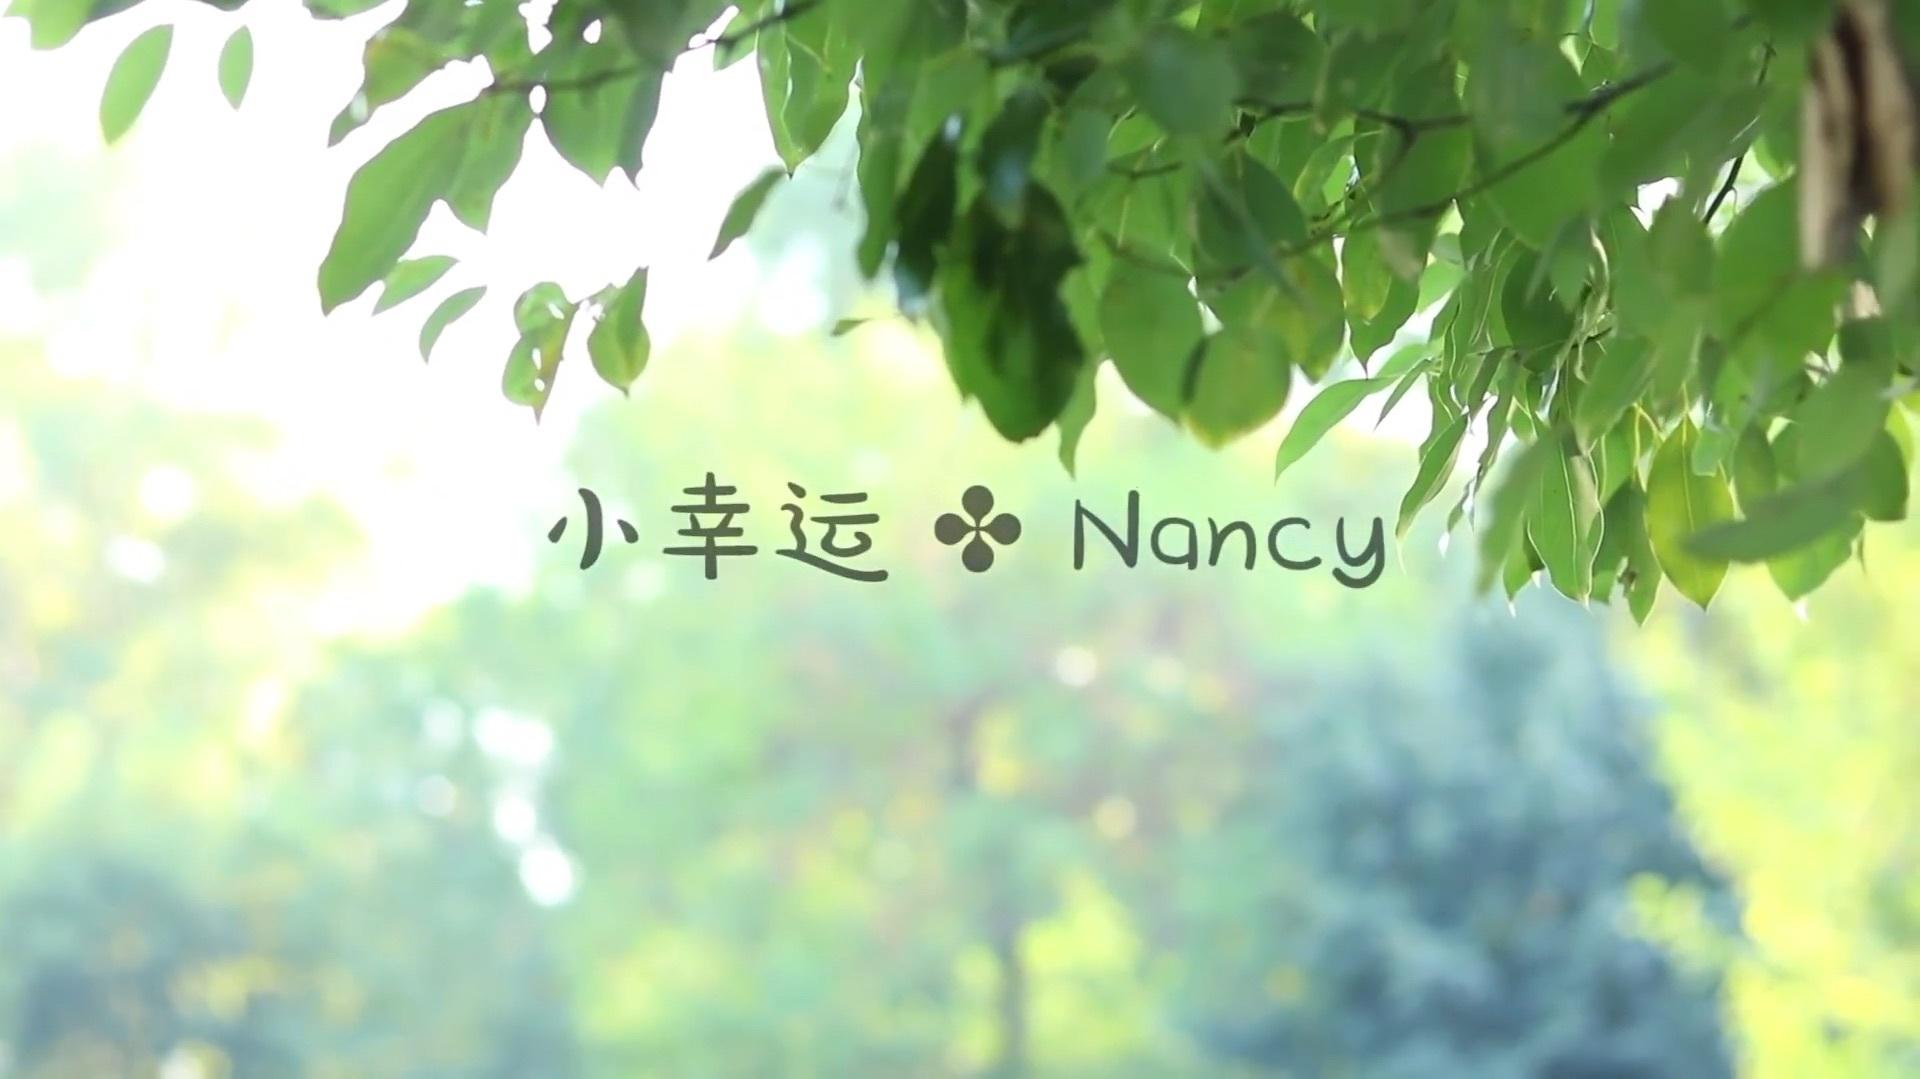 《小幸运》- 田馥甄 - 南音Nancy教学